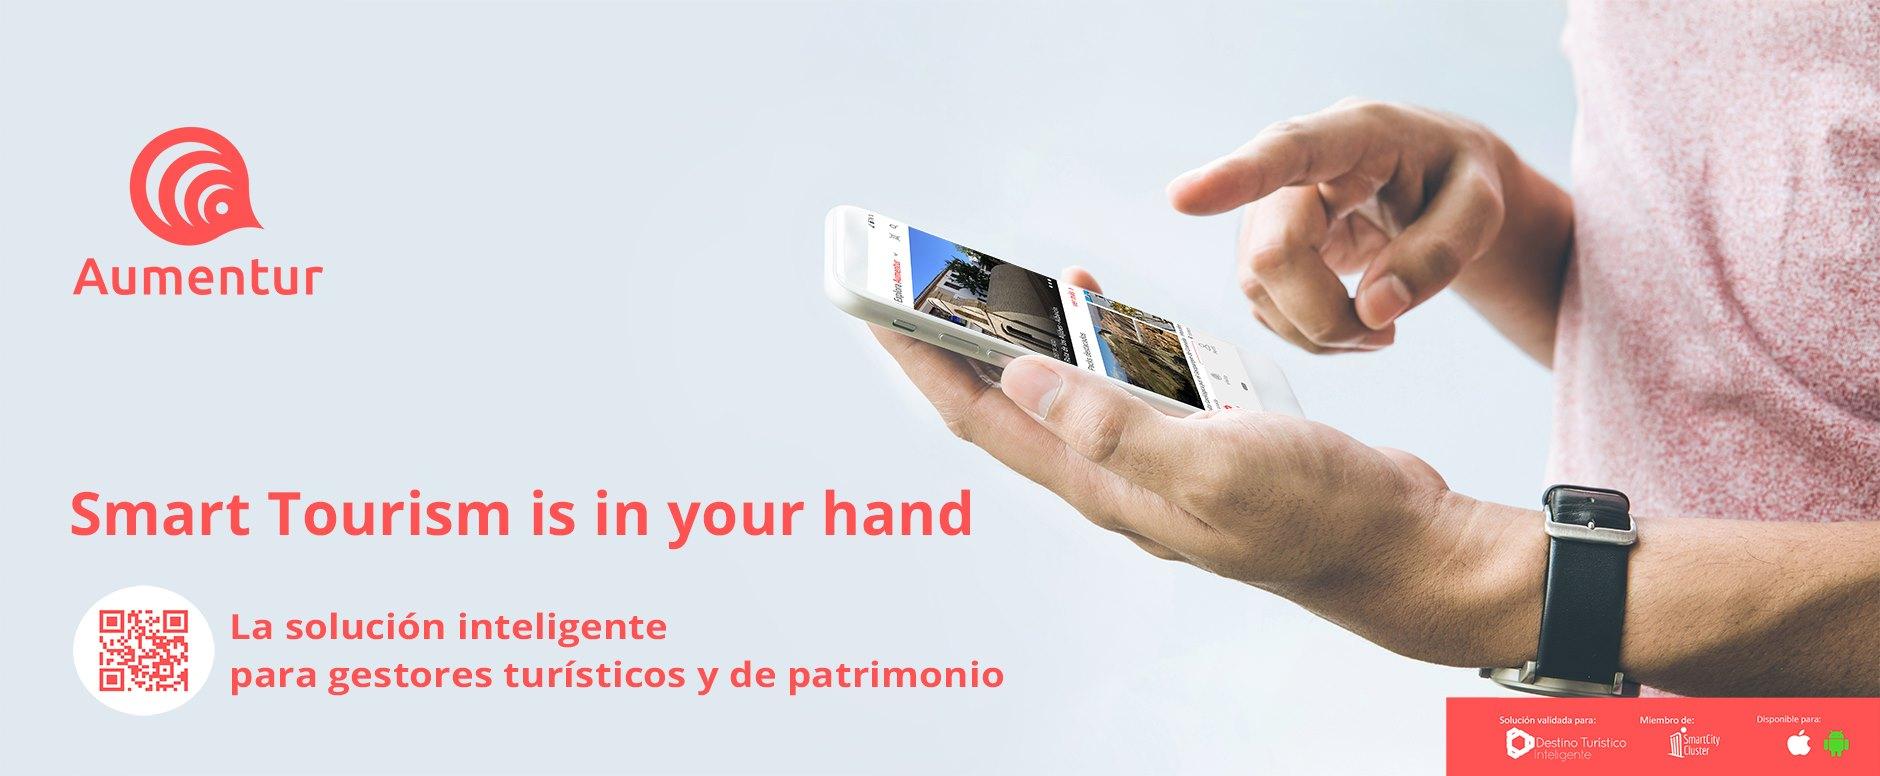 Andalucía Open Future selecciona a las startups Aumentur y Collyra de Granada para su aceleración tecnológica